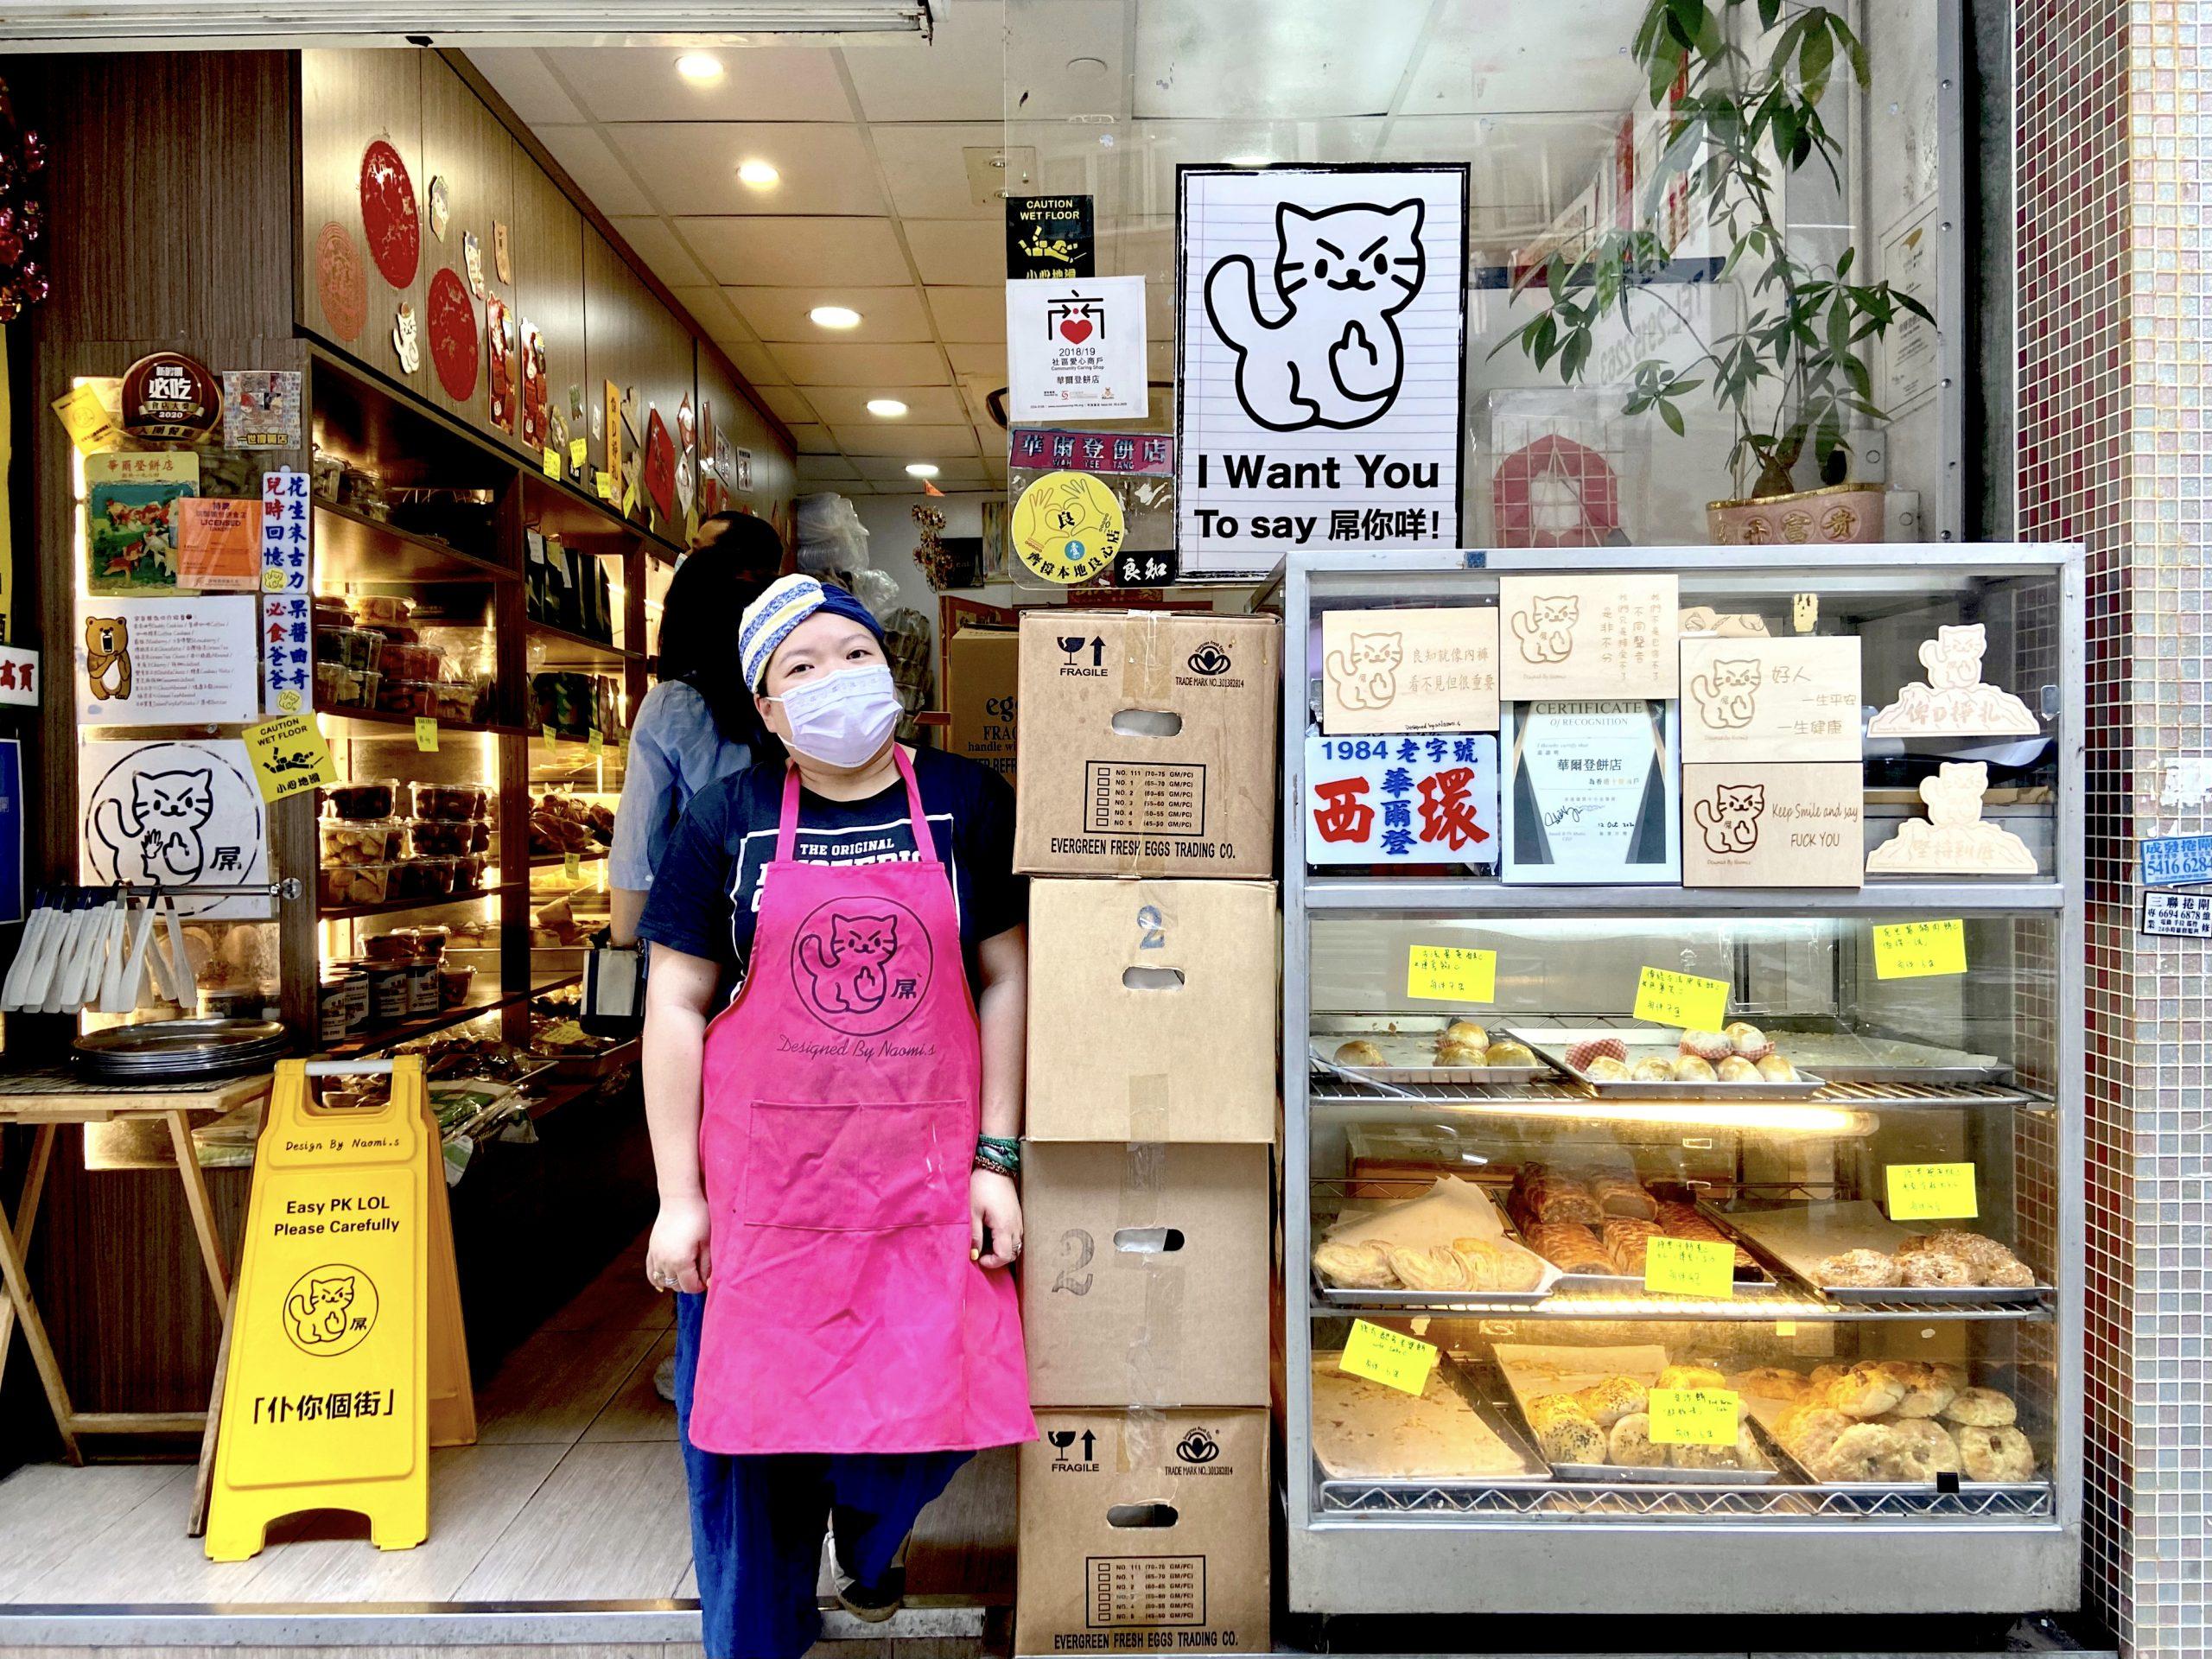 華爾登餅店, 西環, 港式老餅, 曲奇餅, 散水餅, 屌貓